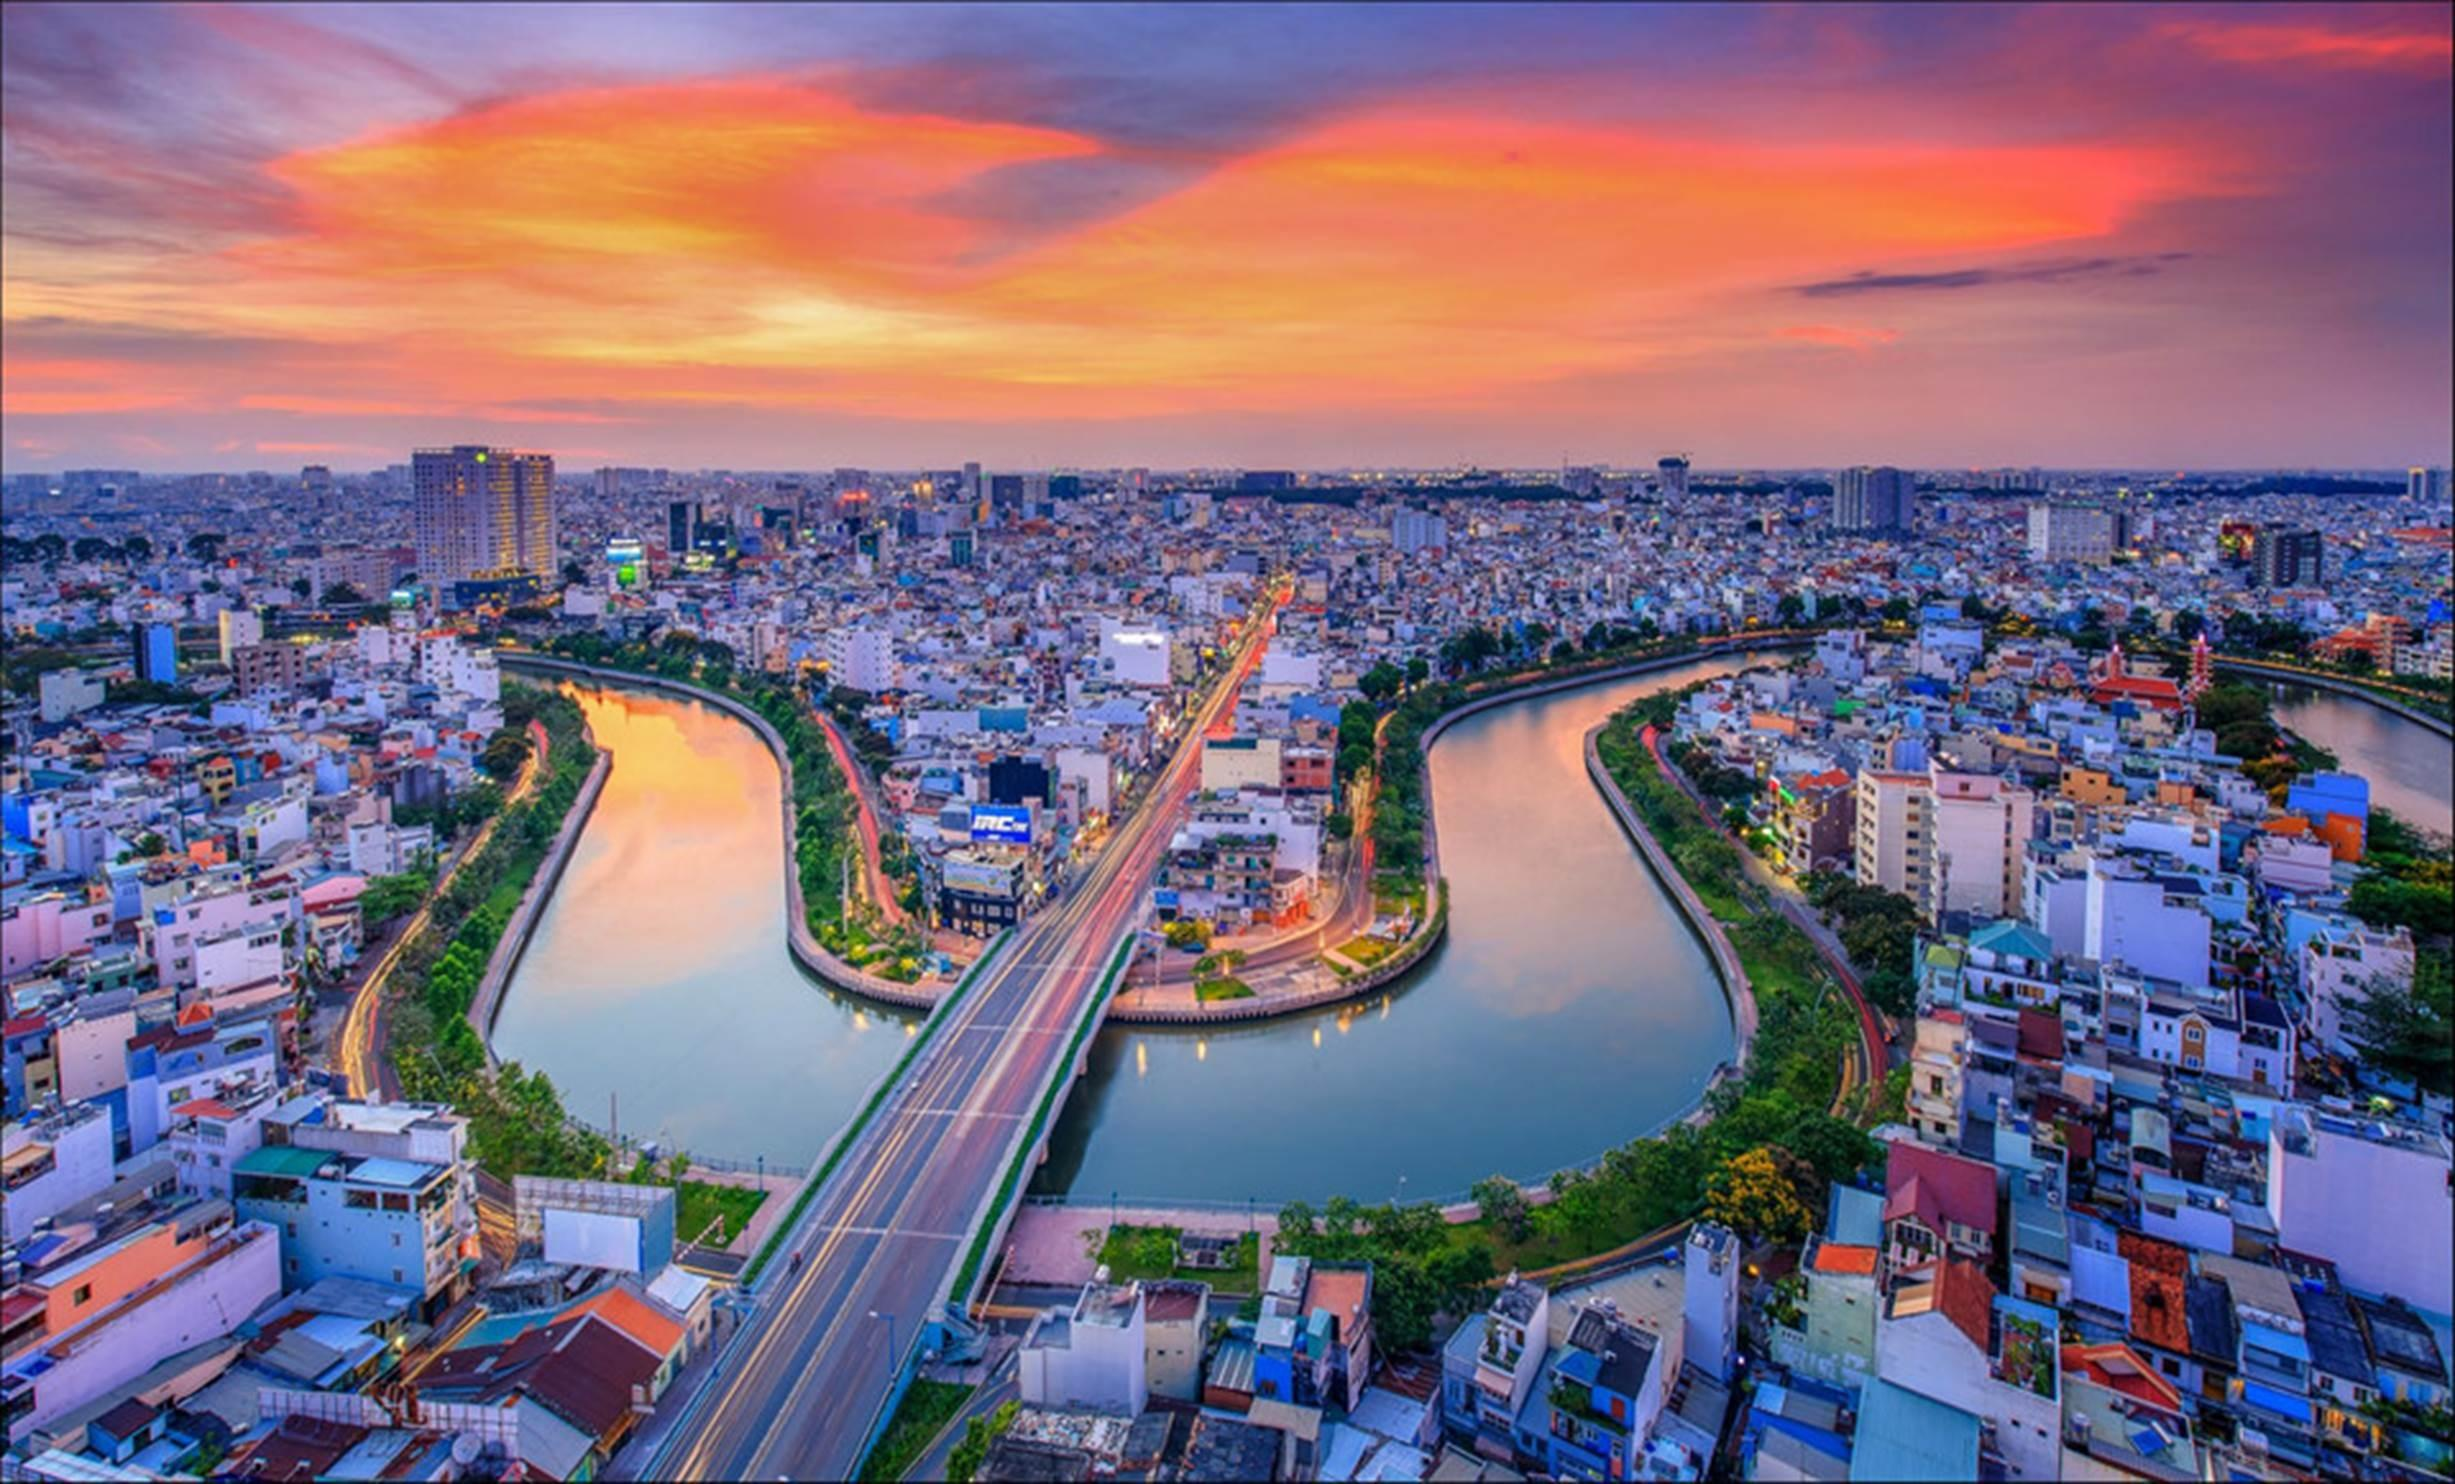 Sài Gòn hoa lệ lung linh ánh đèn trong 'Dấu ấn Việt Nam'-5